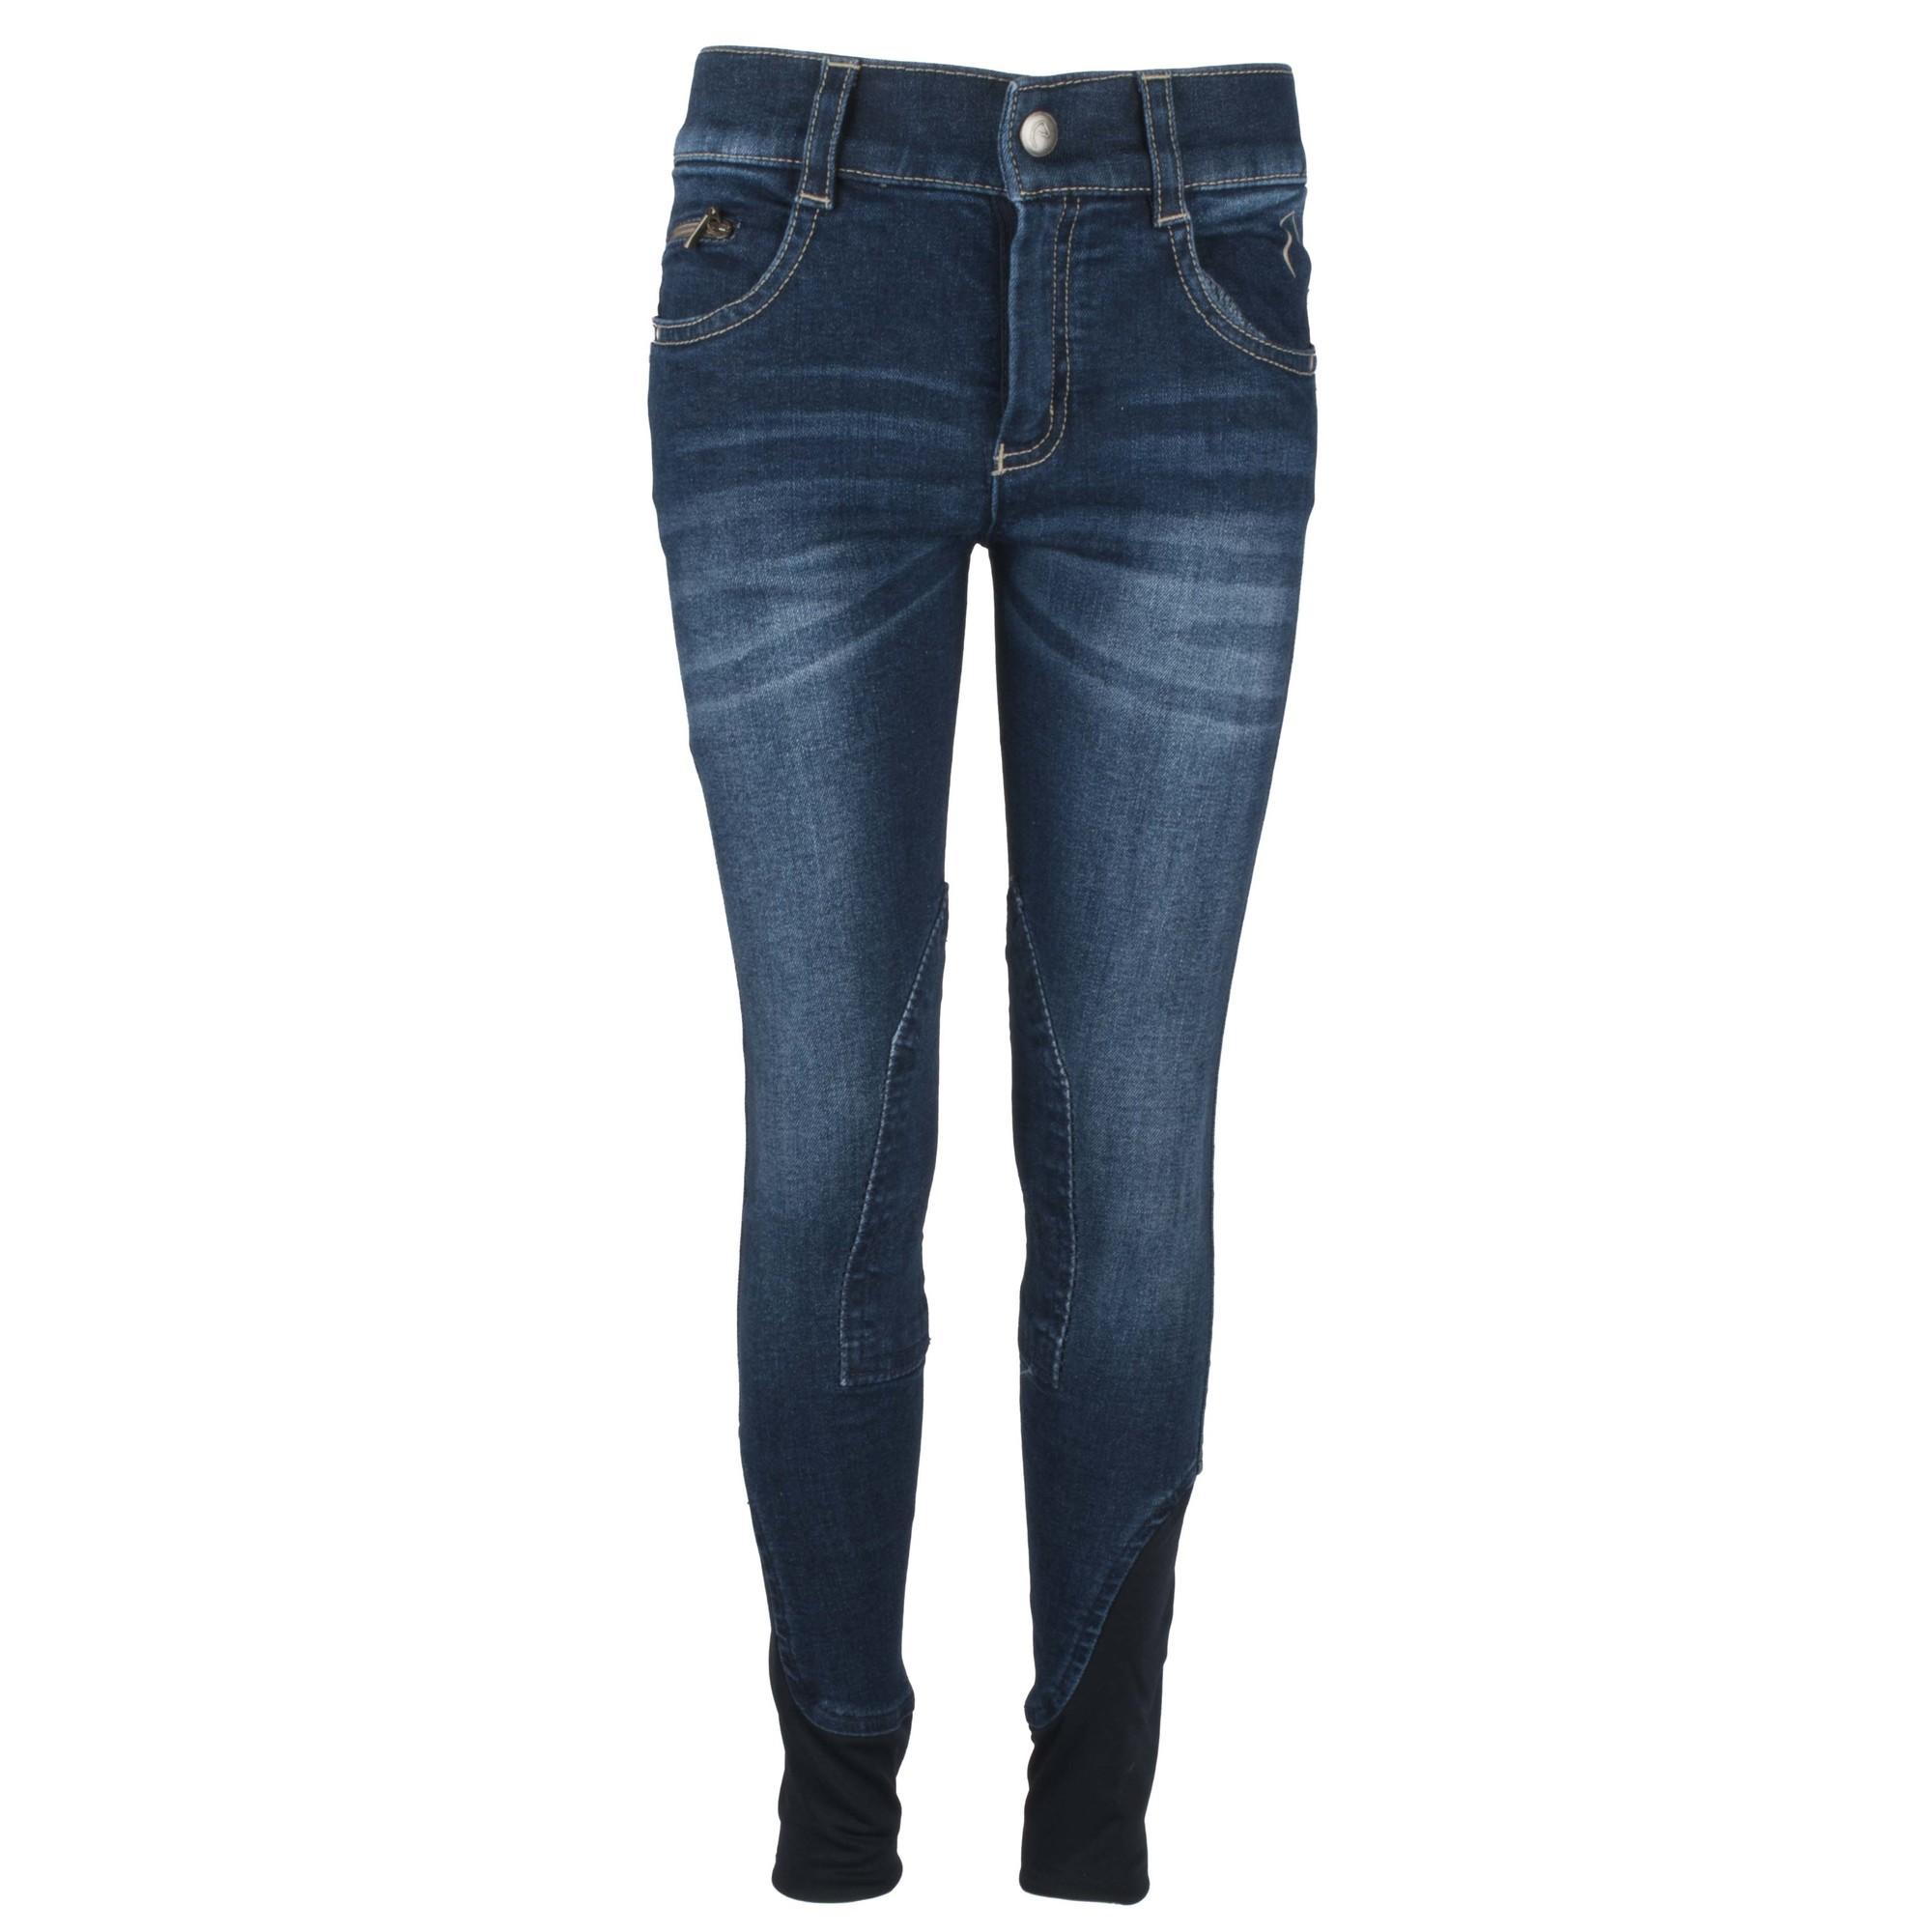 Equitheme Texas jeans kinder rijbroek donkerblauw maat:164